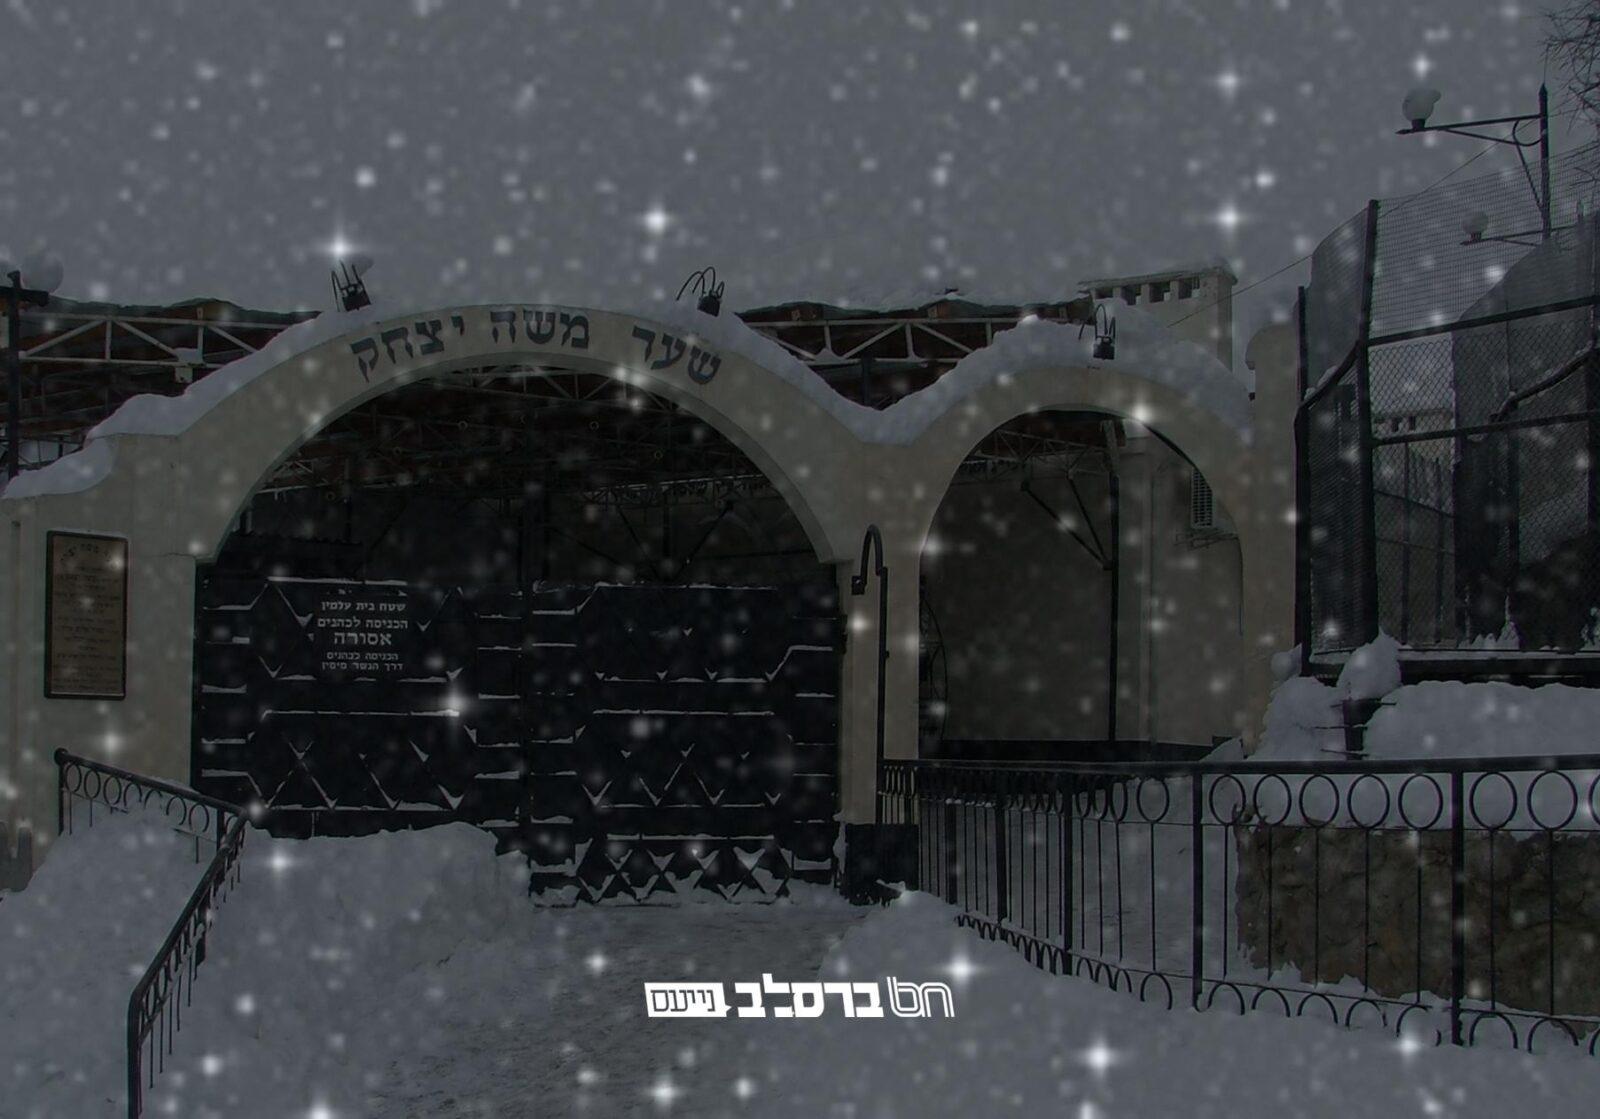 אומן • תחזית מזג האוויר הצפויה לימי חג החנוכה: קר וגשום